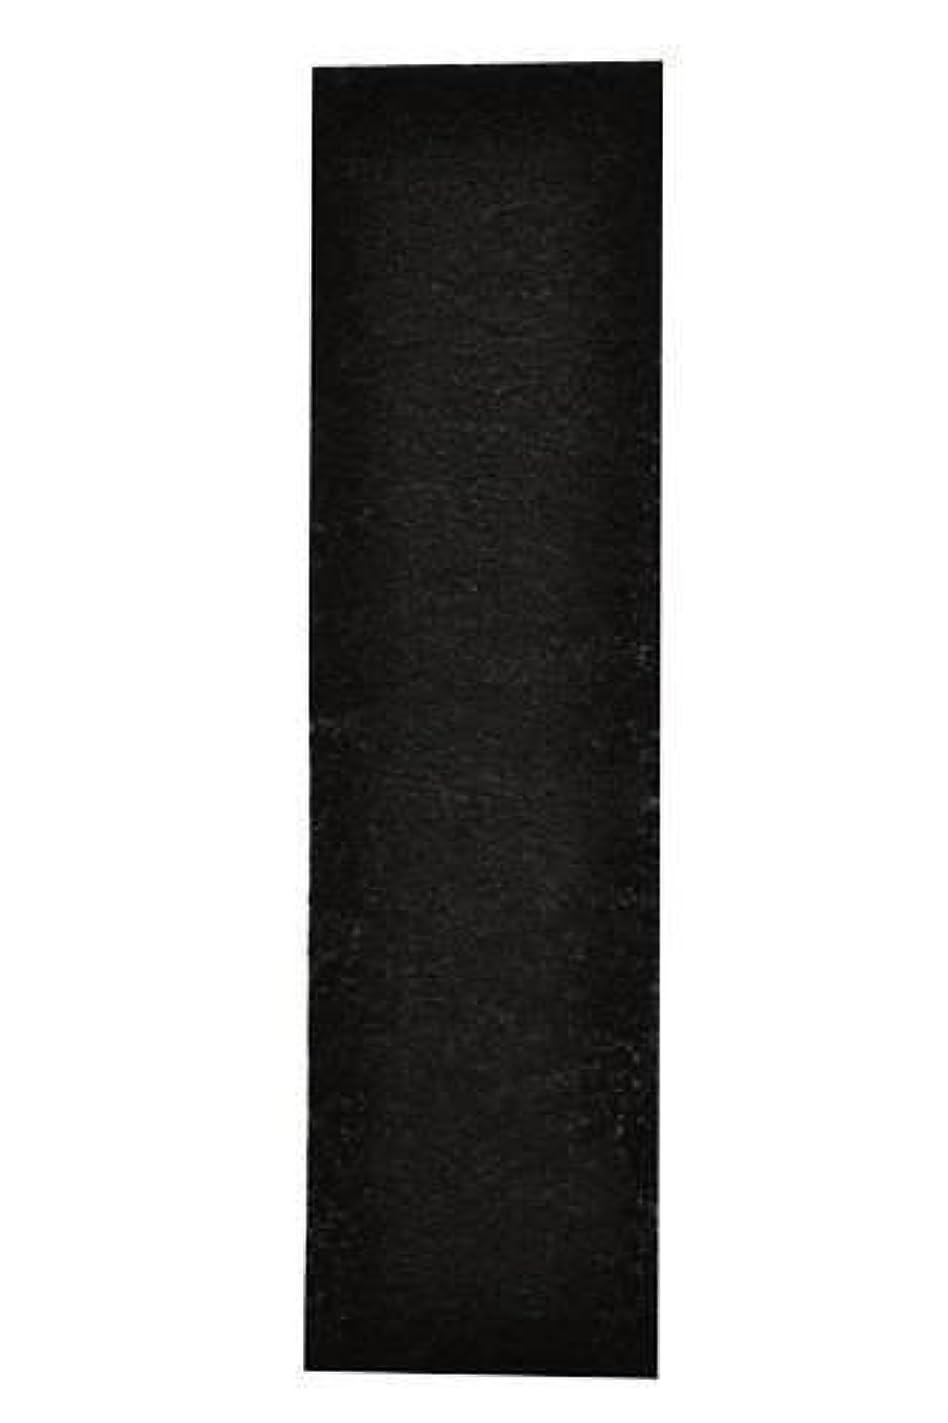 交通結核警察Carbon Activated Pre-Filter 4-pack for use with the germguardian FLT5000/FLT5111 HEPA Filter for AC5000 Series, Filter C by All-Filters, Inc [並行輸入品]